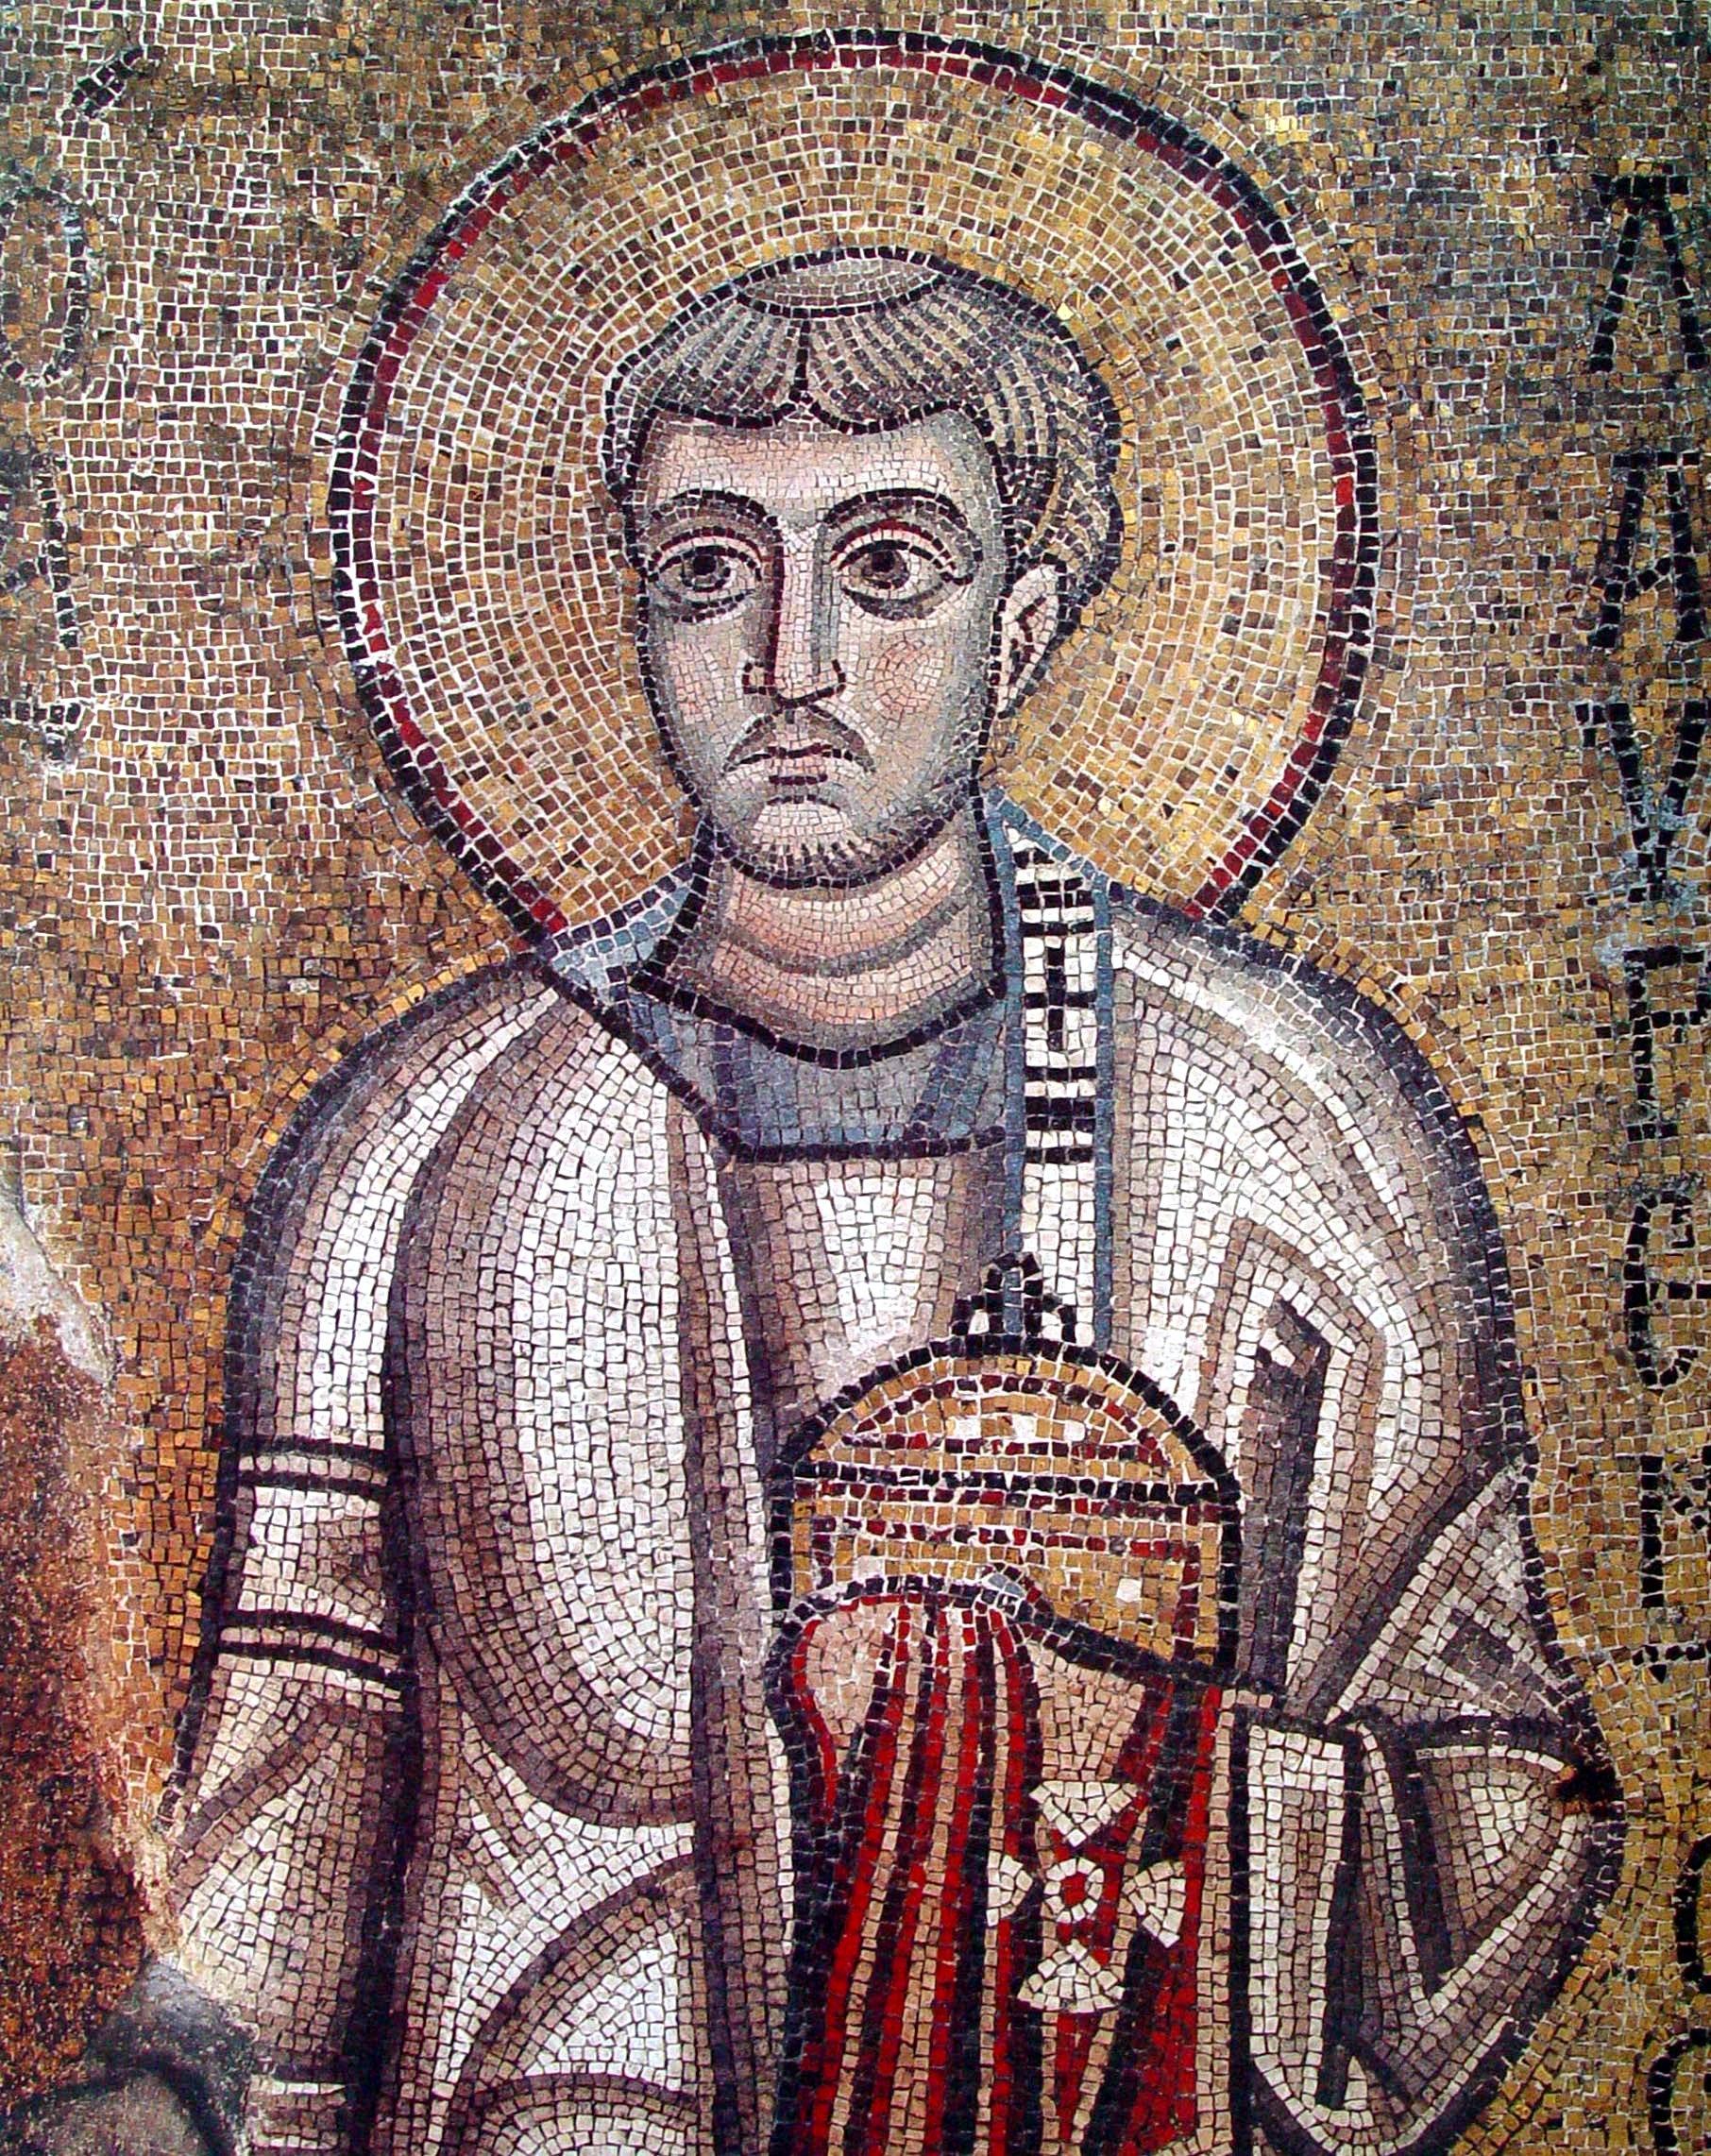 Святой мученик Лаврентий, архидиакон Римский. Мозаика Софийского собора в Киеве. 1030 - 1040-е годы.